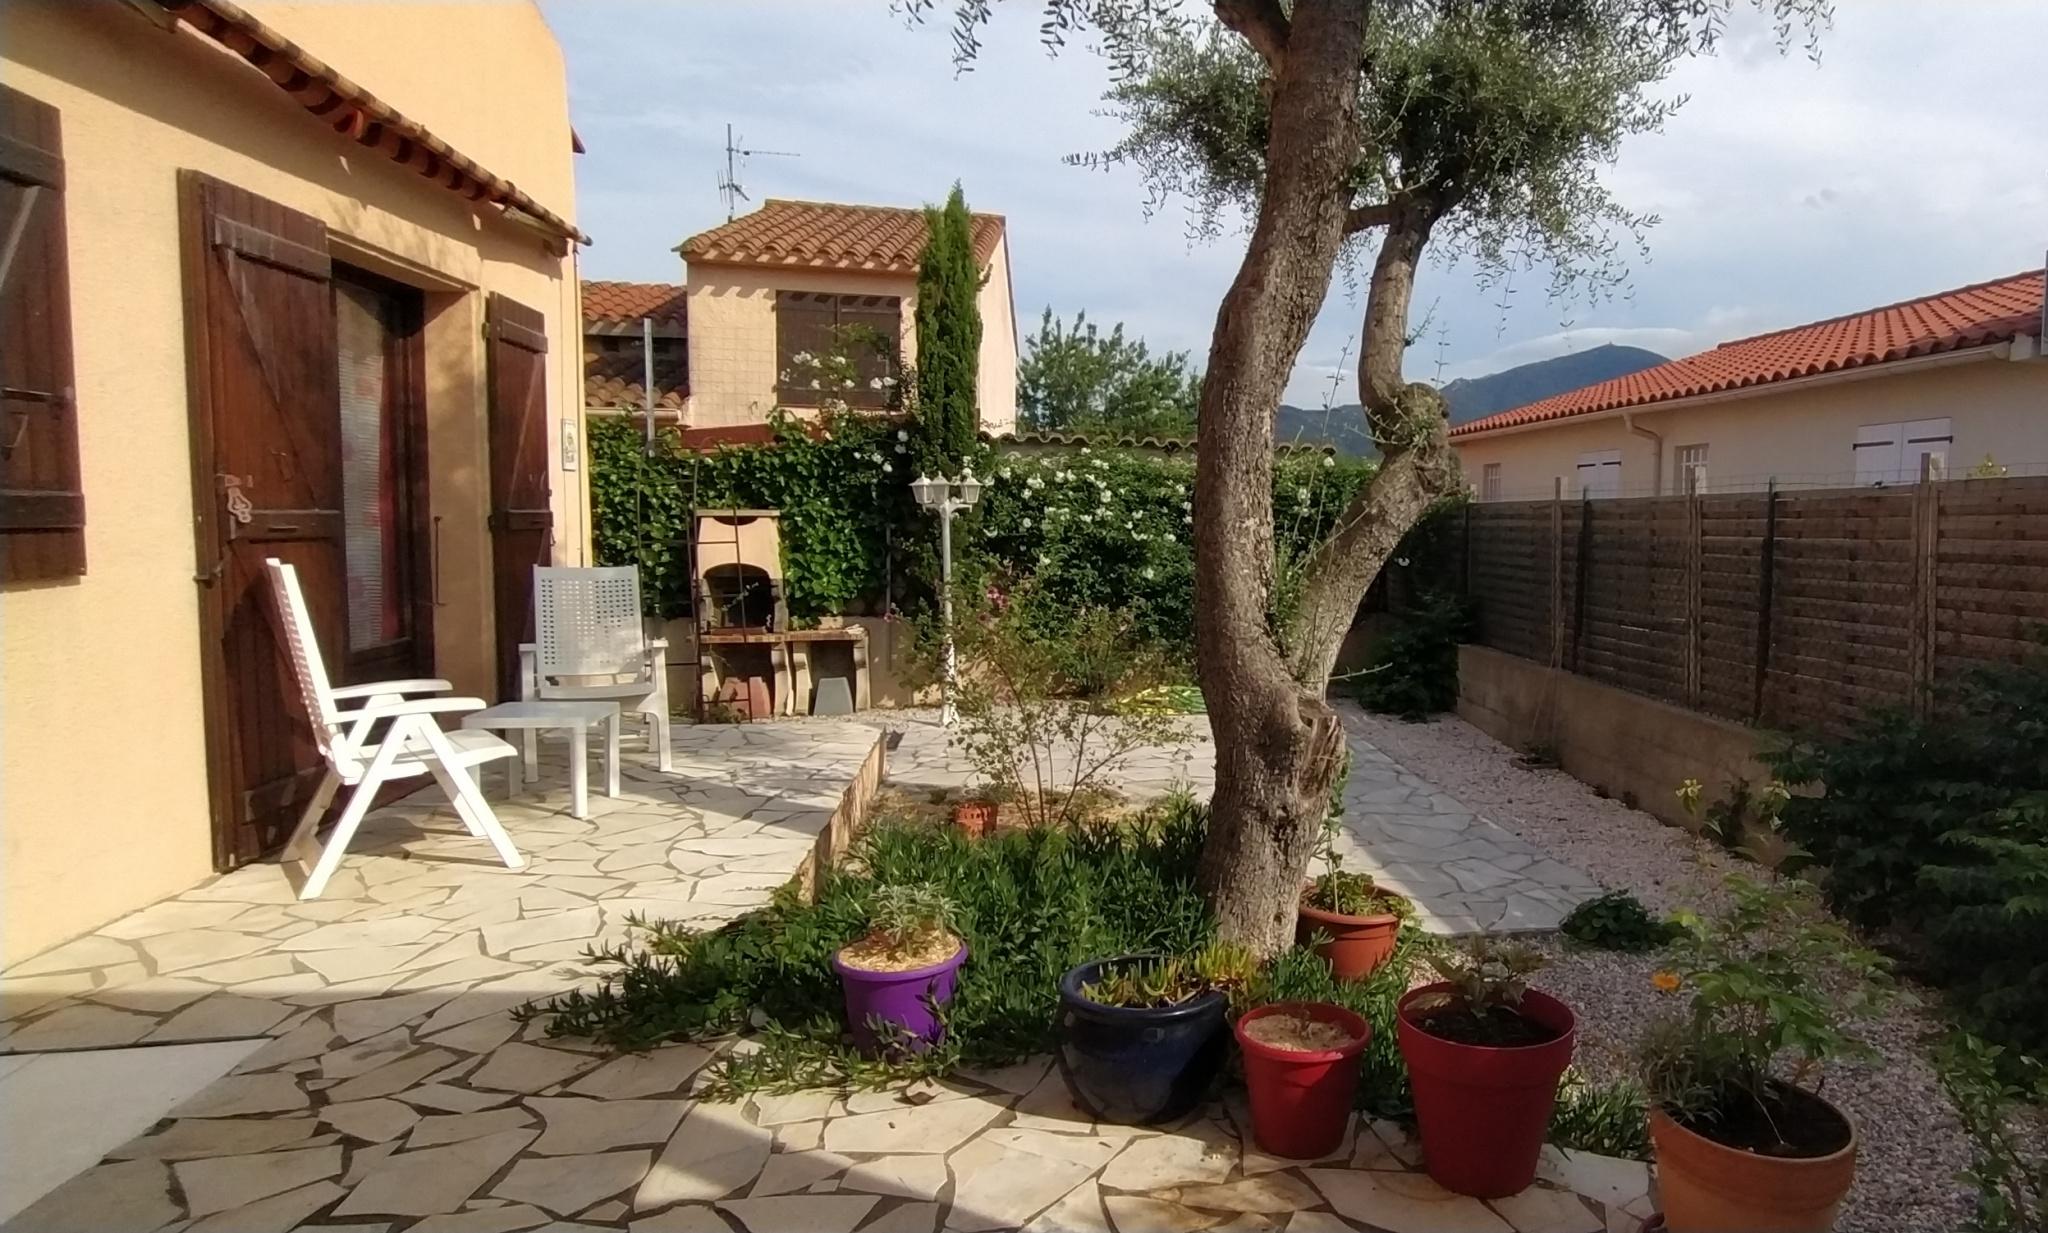 À vendre maison/villa de 140m2 à argeles sur mer (66700) - Photo 18'